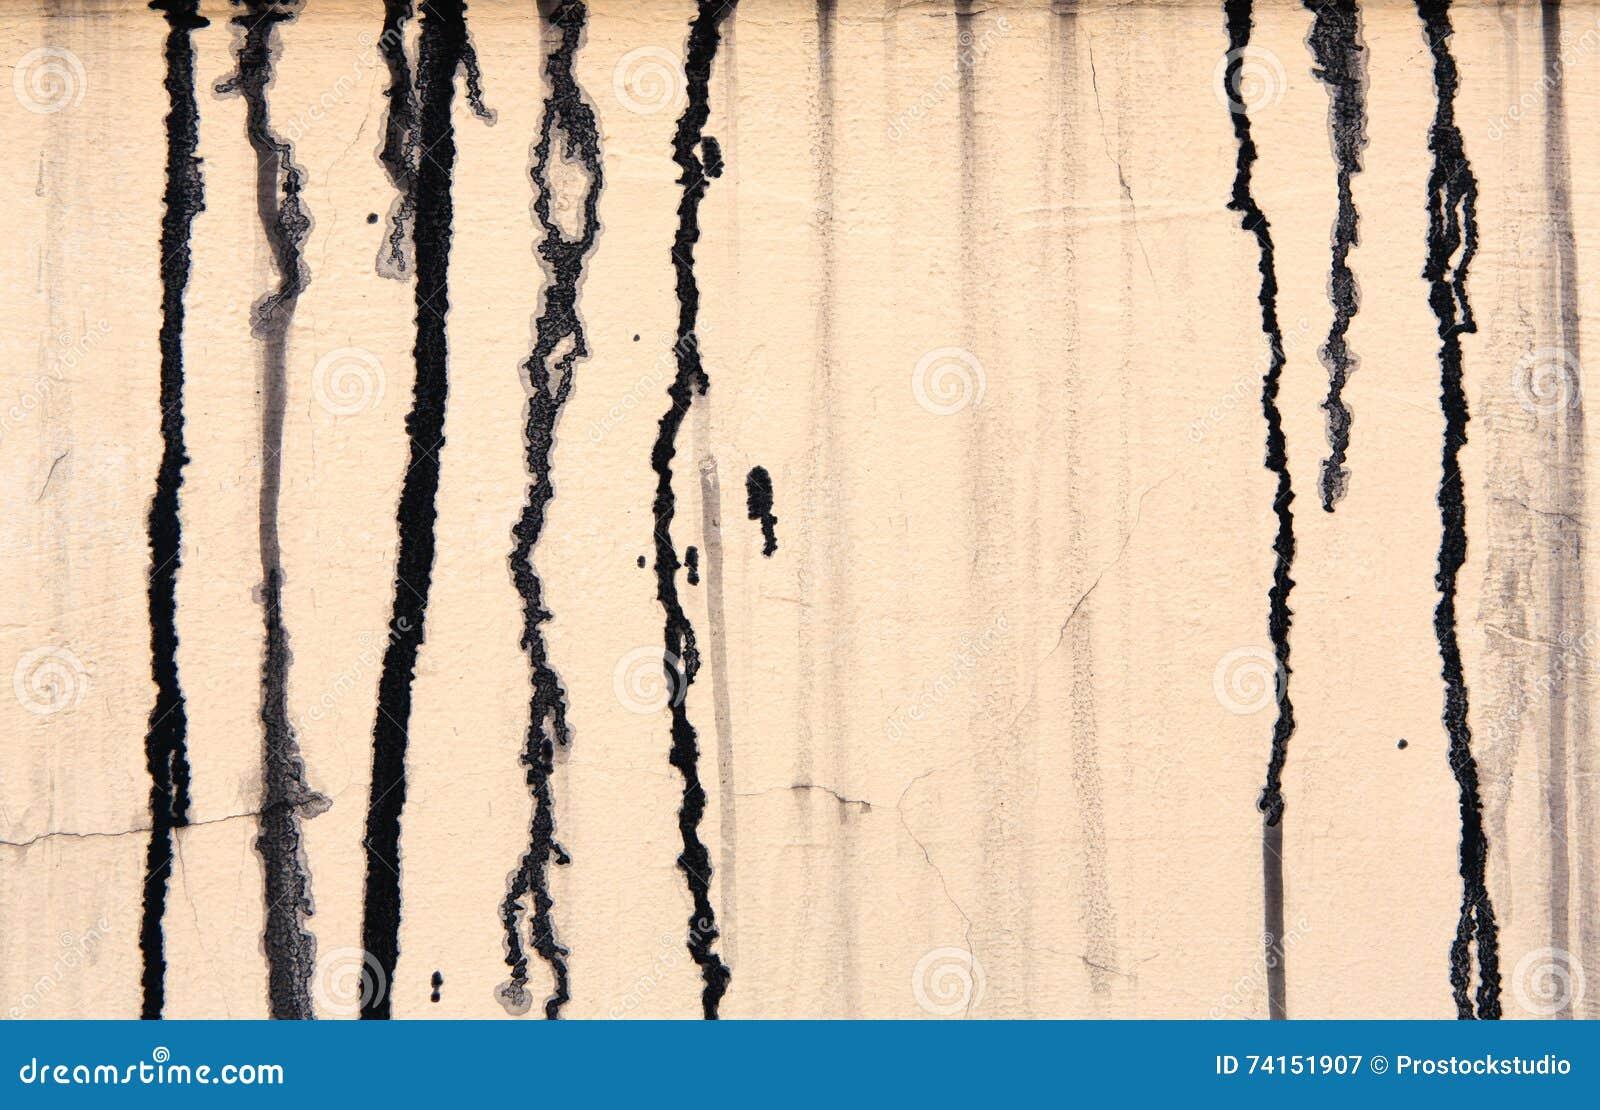 O muro de cimento bege com pintura preta goteja, fundo abstrato